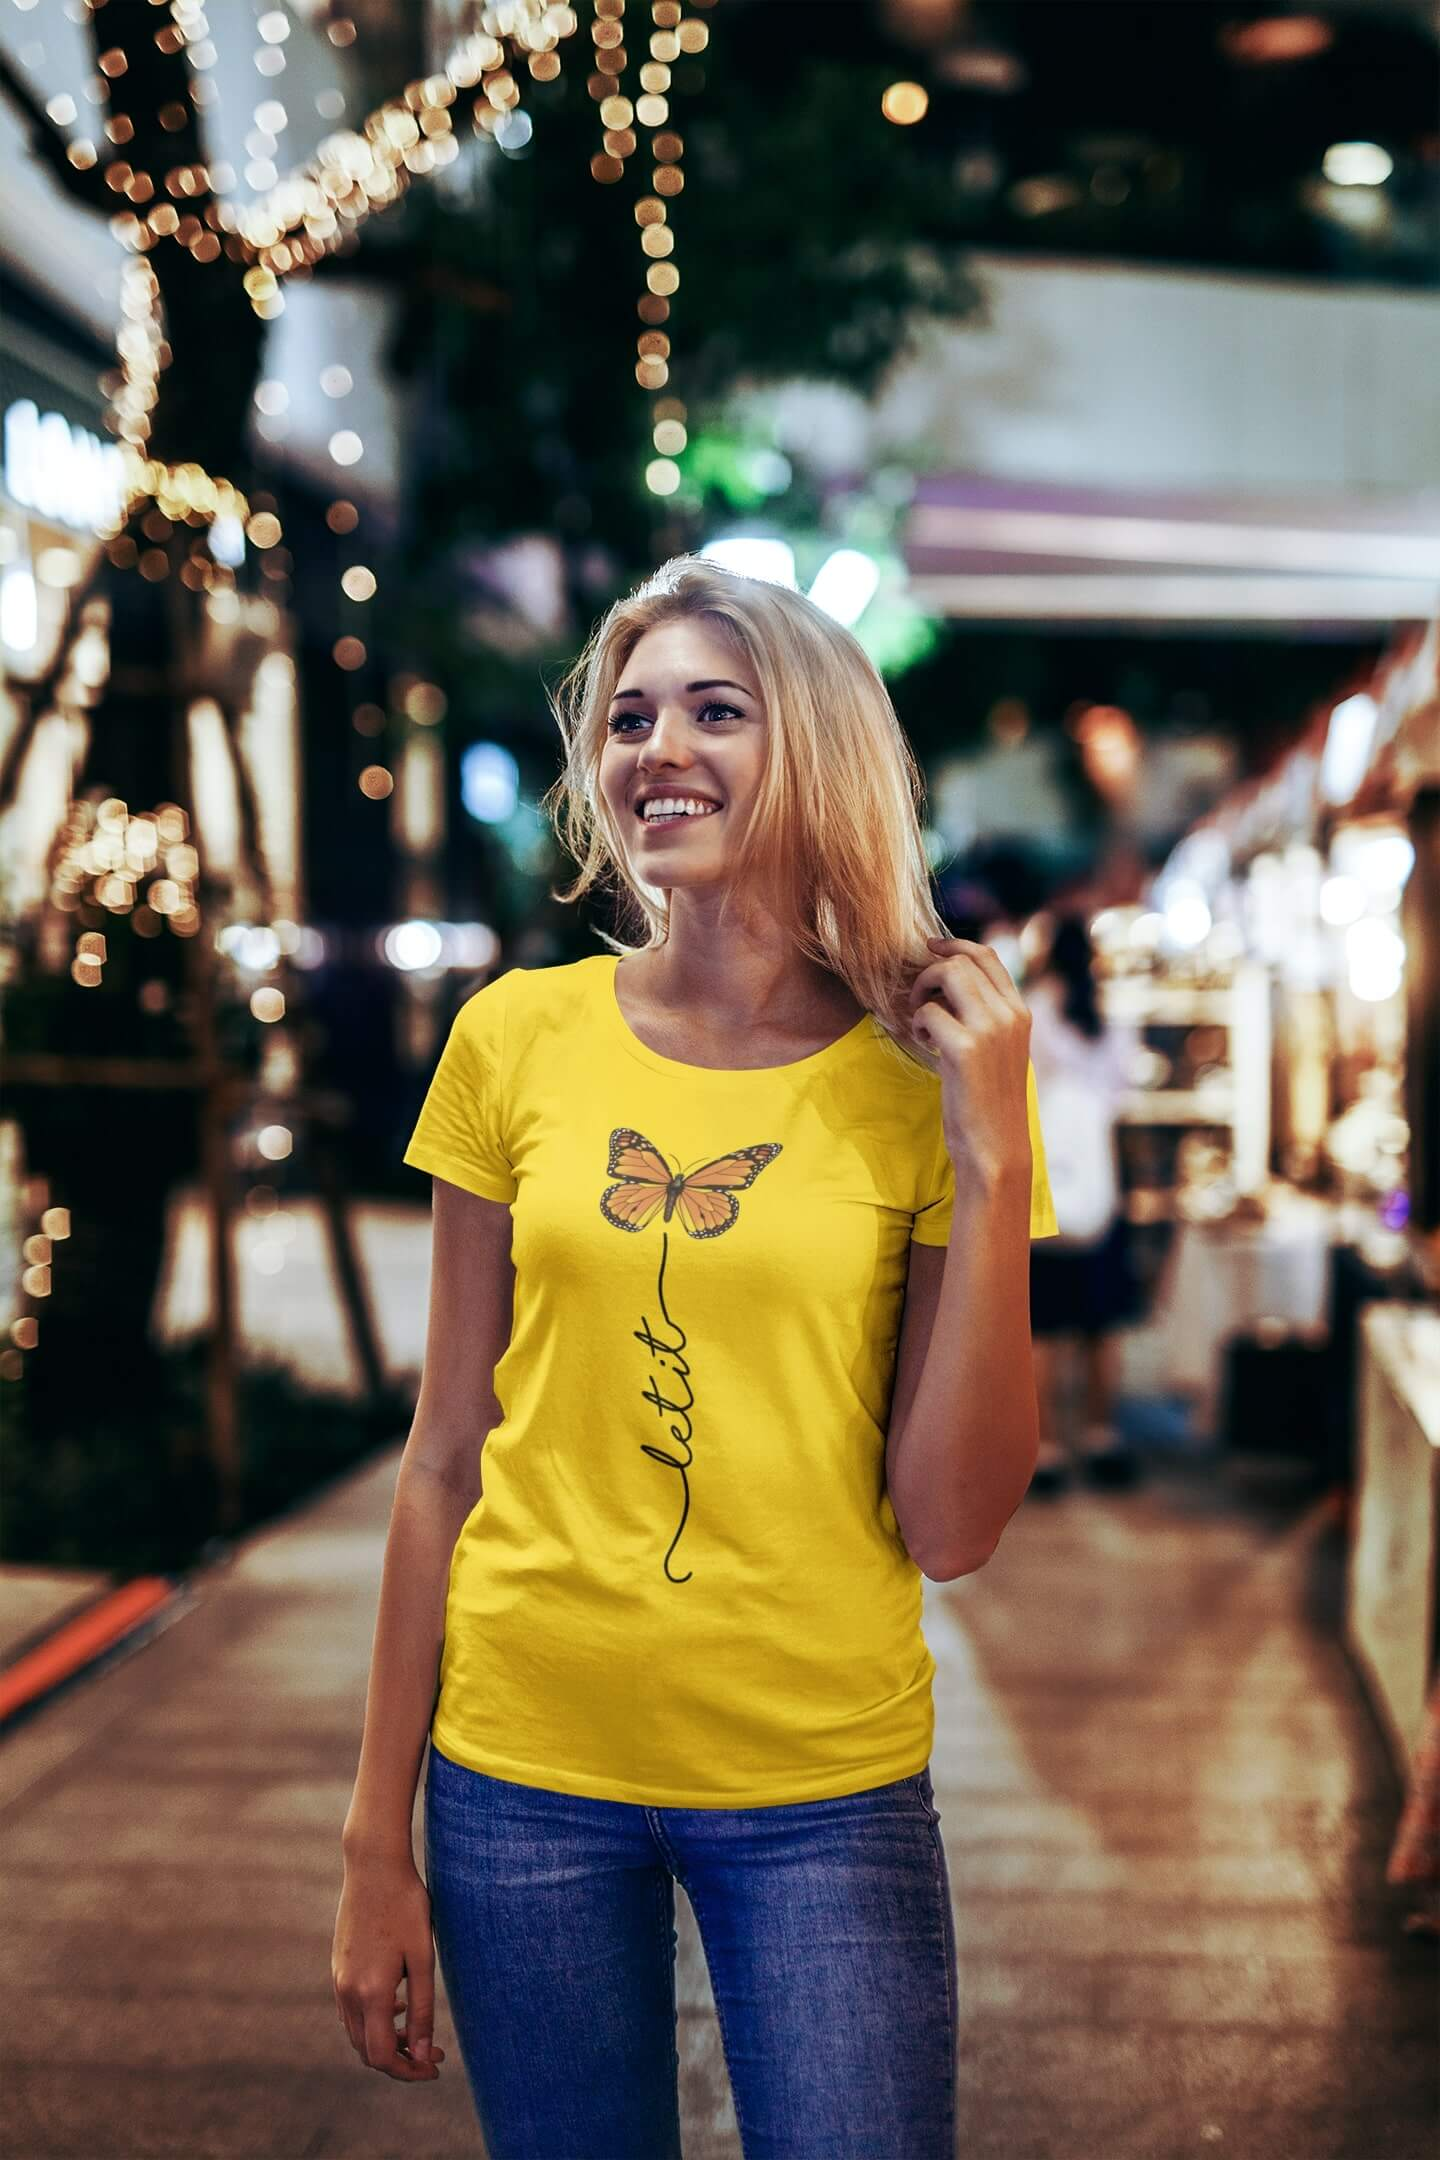 MMO Dámske tričko Let it motýľ Vyberte farbu: Žltá, Vyberte veľkosť: S